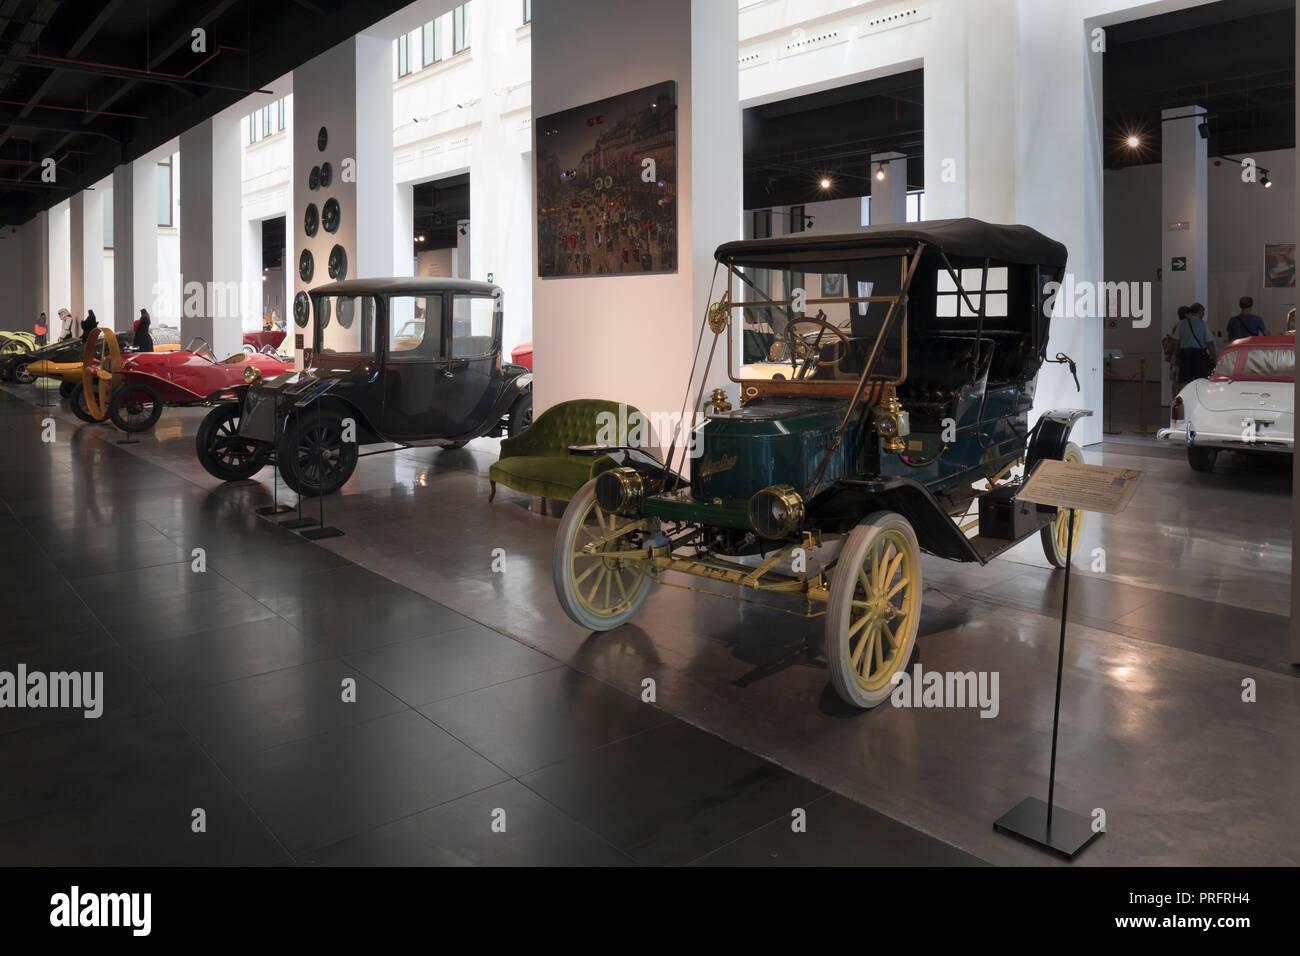 Museo automovilistico y de la Moda, Málaga, provincia de Málaga, España. Museo del Automóvil y de la moda. El vehículo en el primer plano es una cocción al vapor Stanley Foto de stock